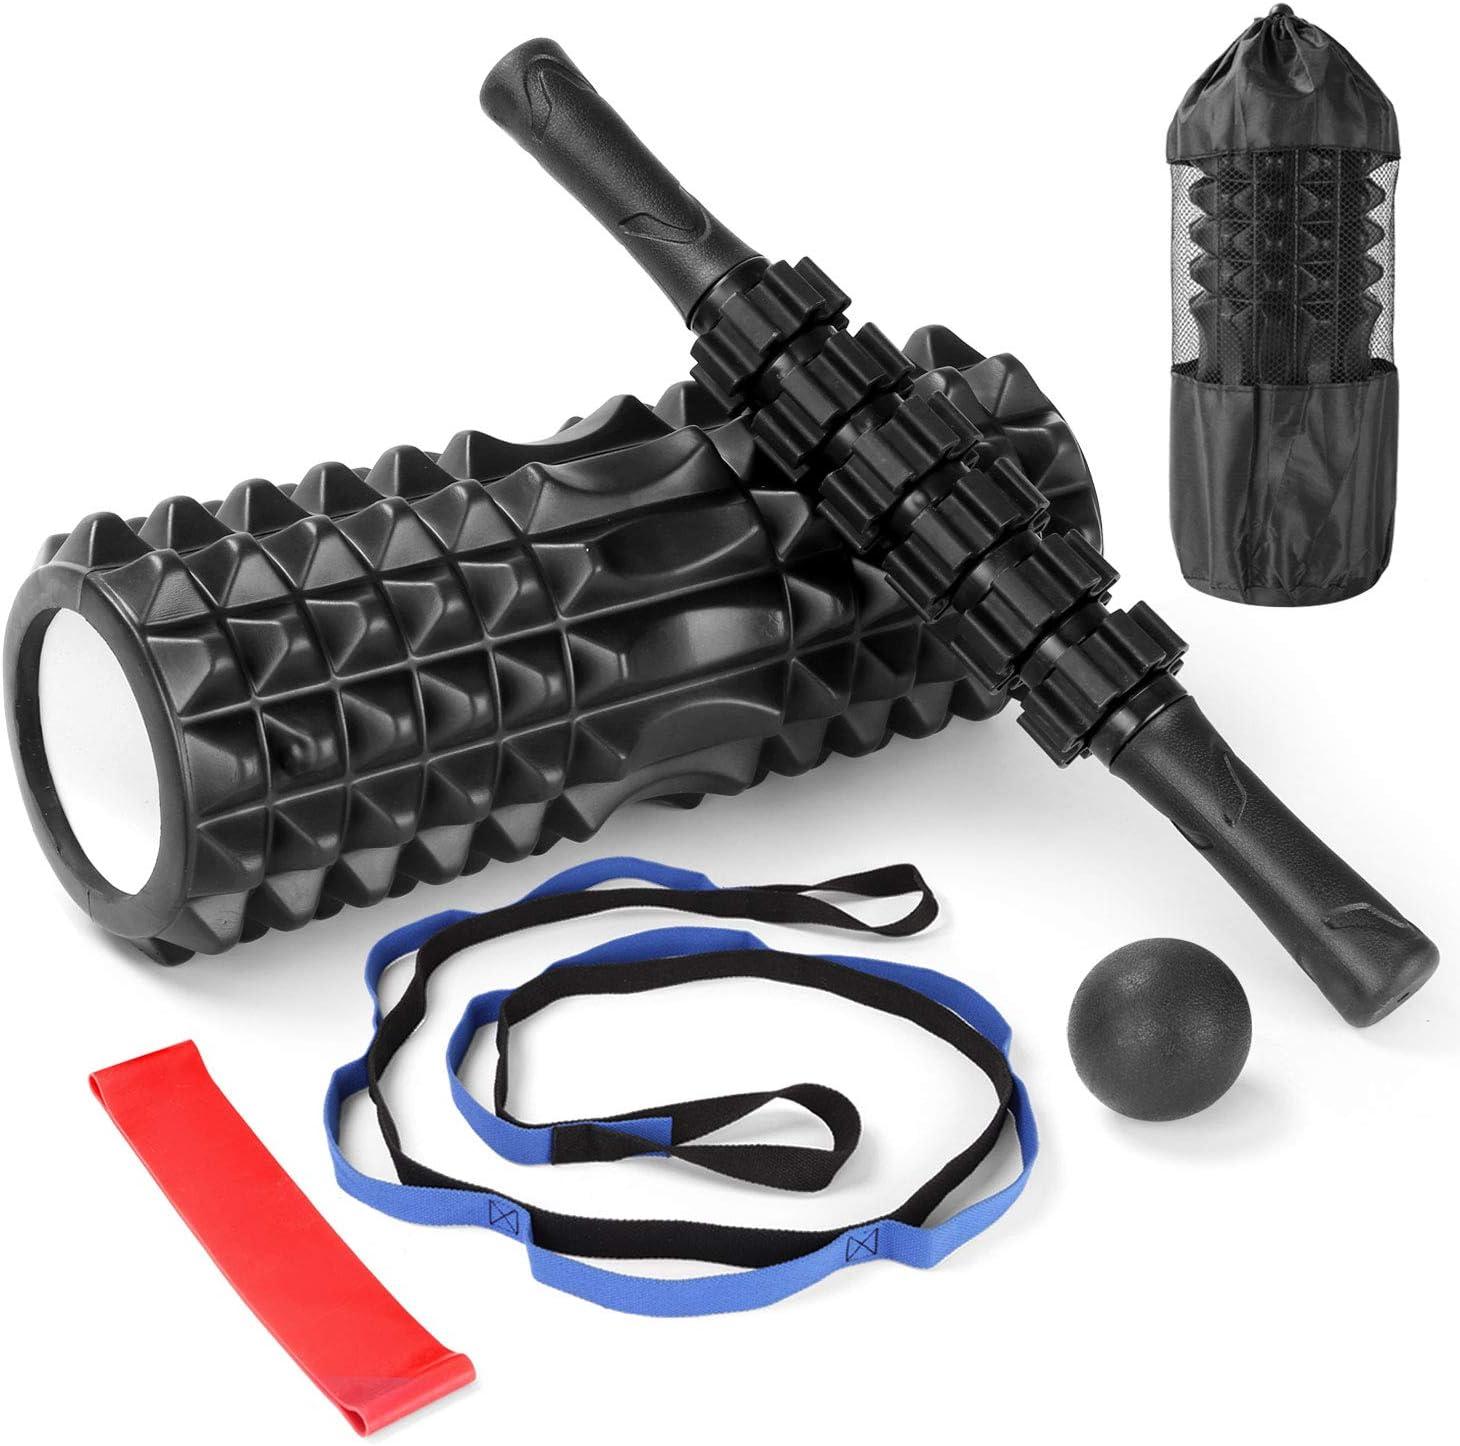 Juego de Rodillos de Espuma de Alta Densidad de 13//33 cm Bandas de Resistencia El/ástica Bola de Masaje Odoland Foam Roller Kit 6-en-1 con Rodillo Masaje Muscular